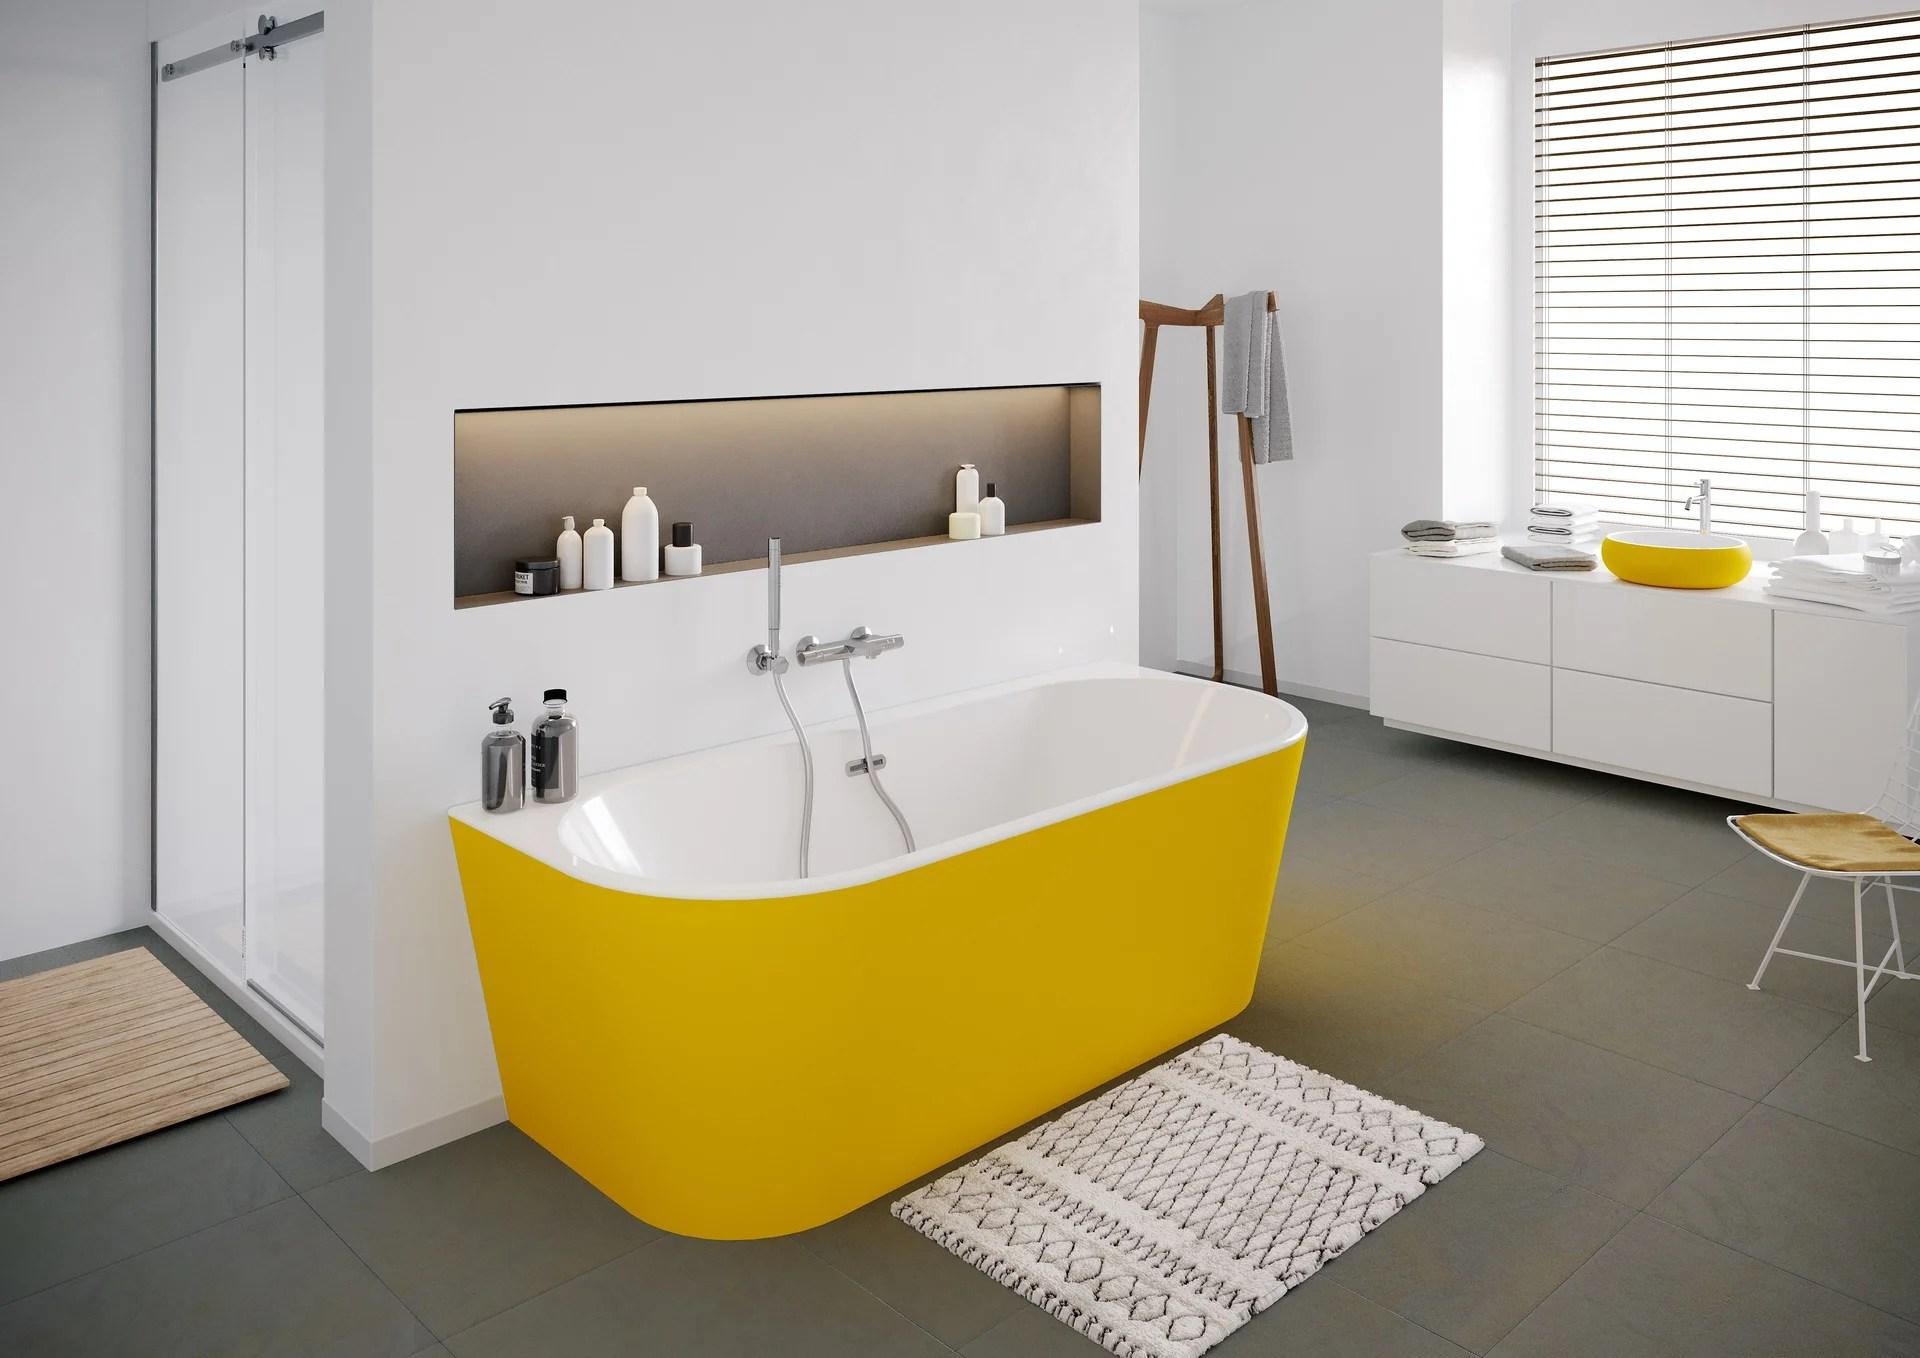 baignoire semi ilot l 75 x l 160 cm jaune ilova balneo